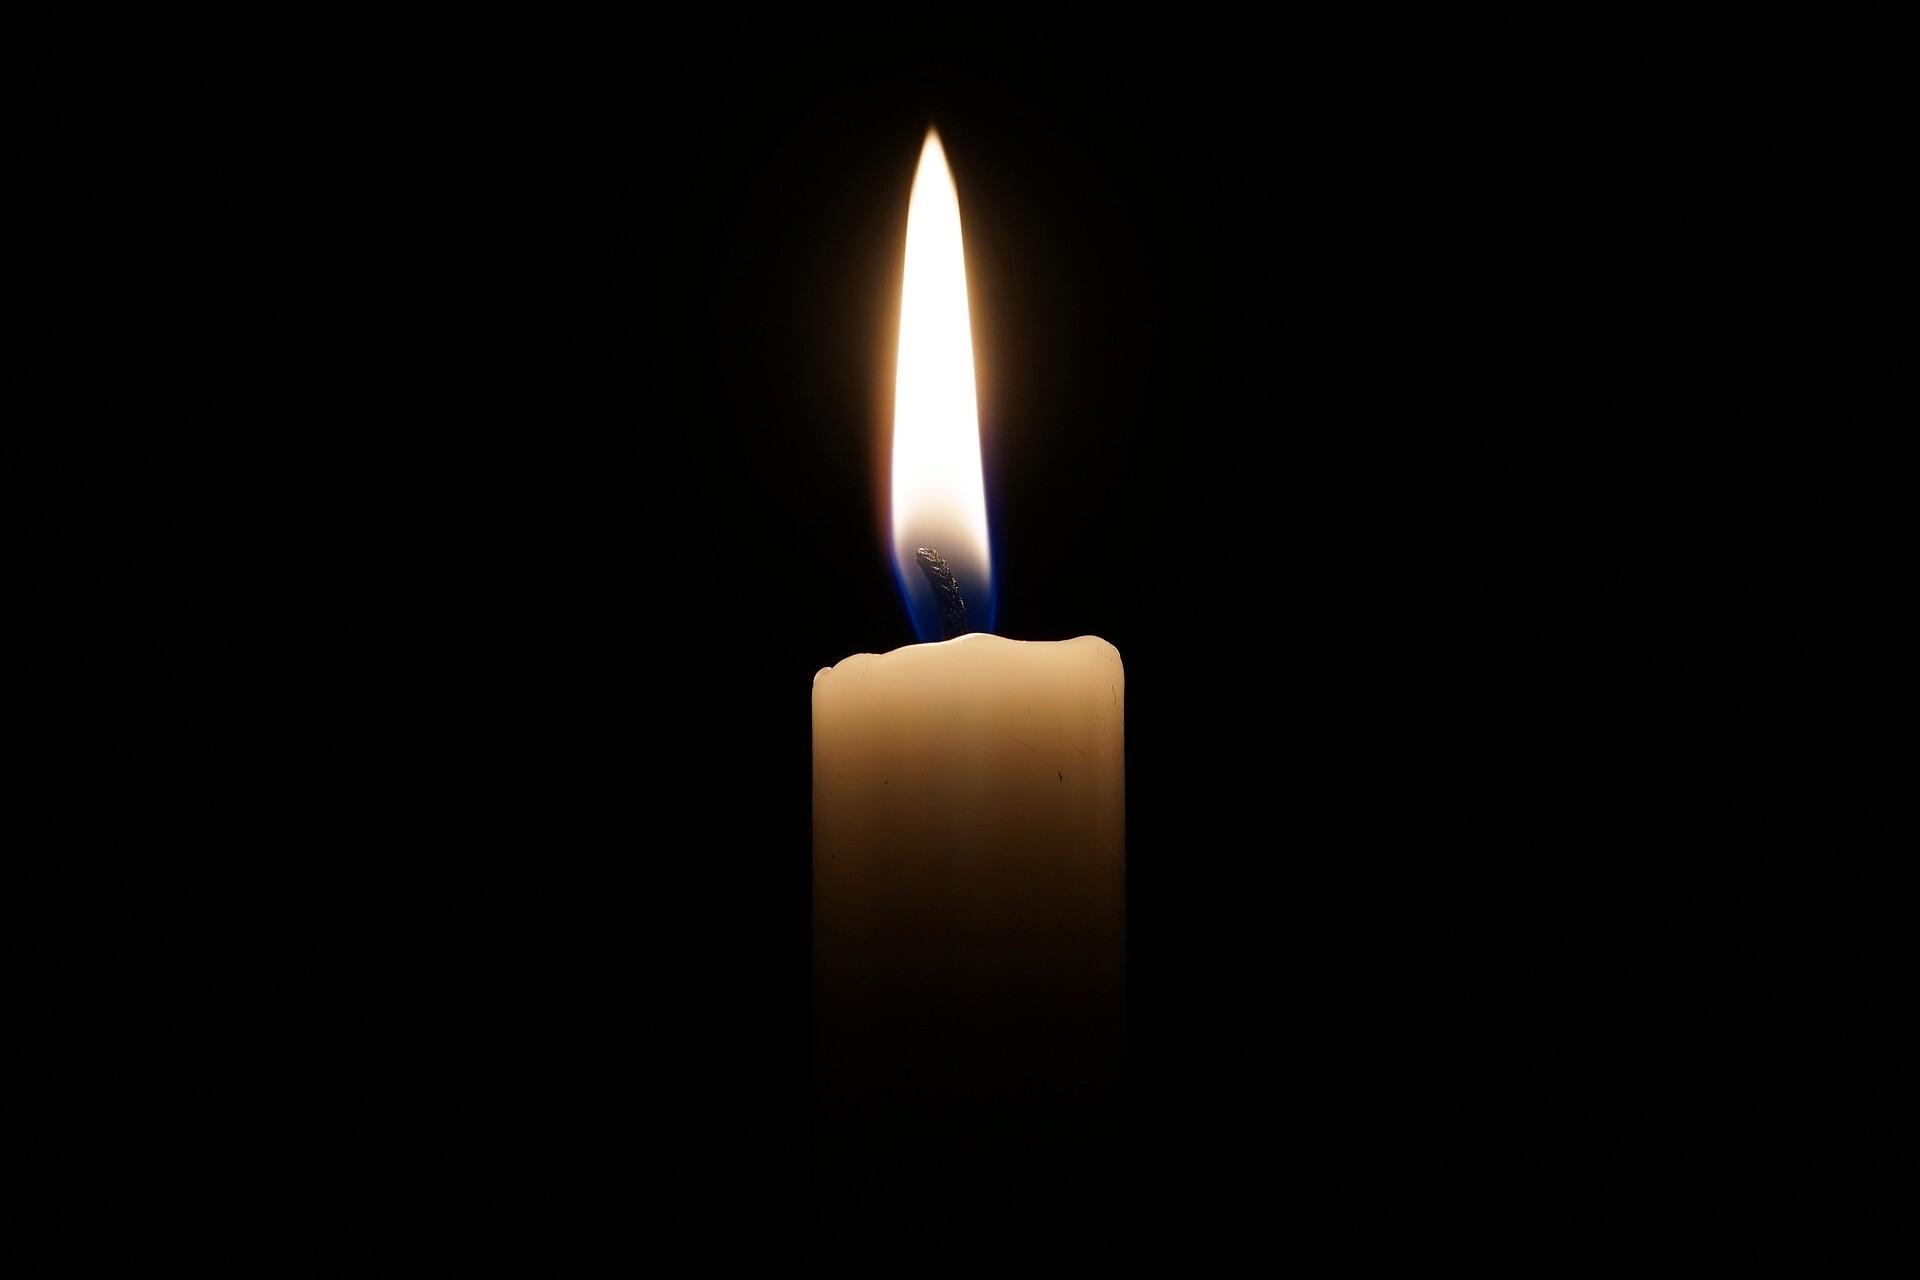 Qu hago si no tengo luz en casa - Luz pulsada en casa ...